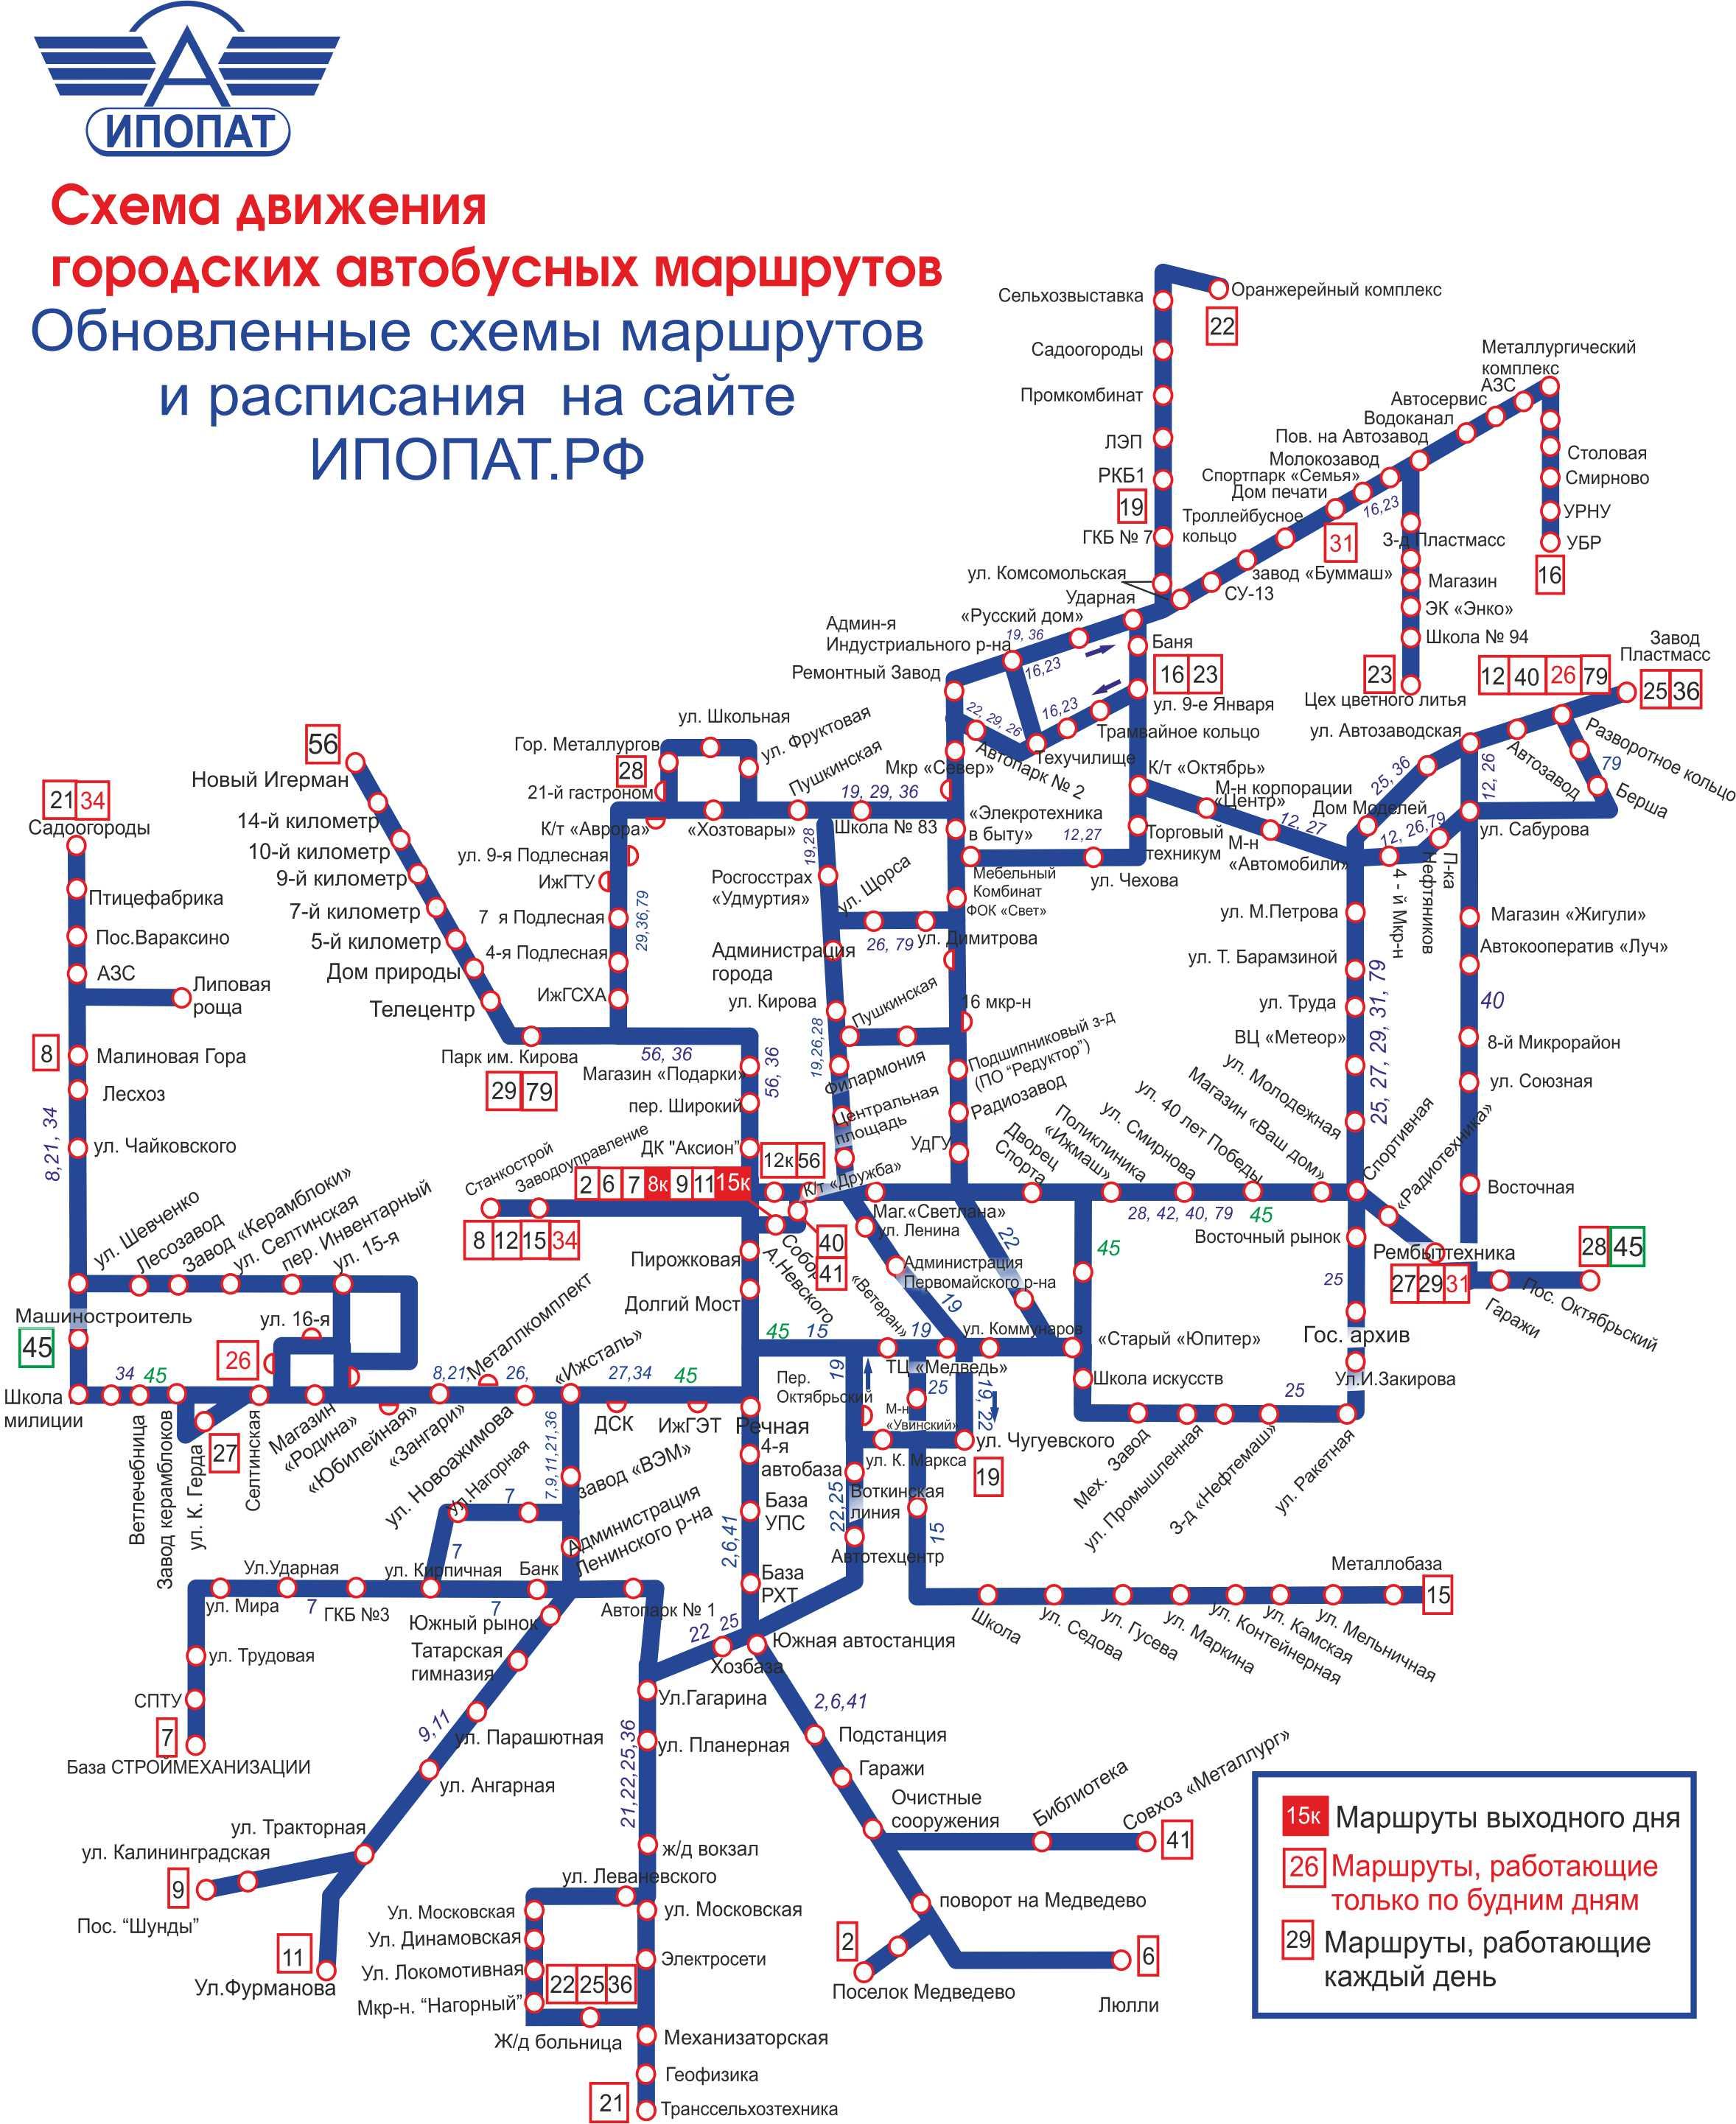 Он-лайн камера Ижевск - Izhlife ru